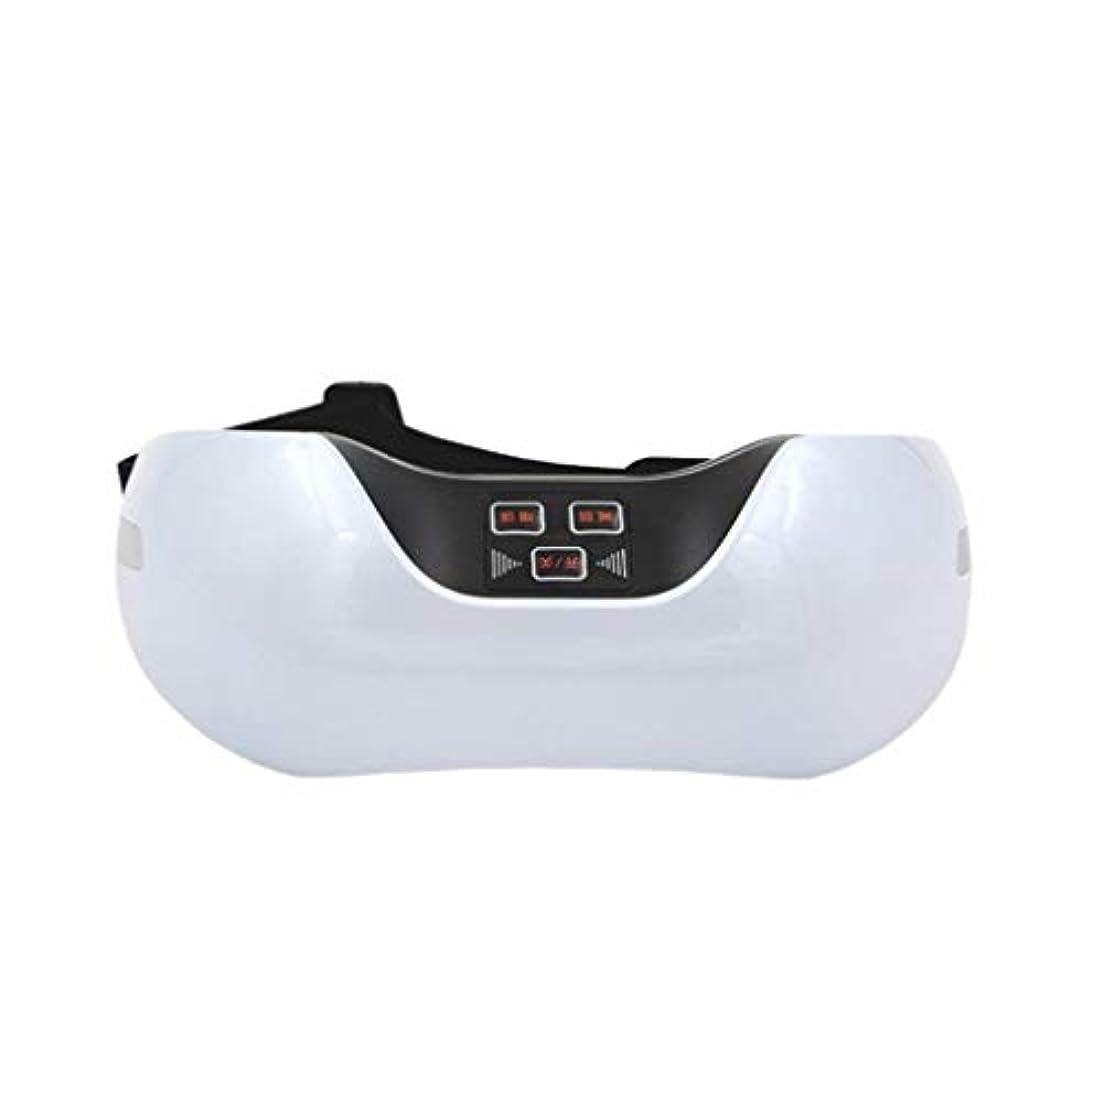 オーガニック祖先外側アイマッサージャー、電動アイマッサージアイマスク、USB充電アイリラクゼーションヘルスマシン、視覚保護デバイス、振動リラクゼーション治療、疲労回復 (Color : 白)